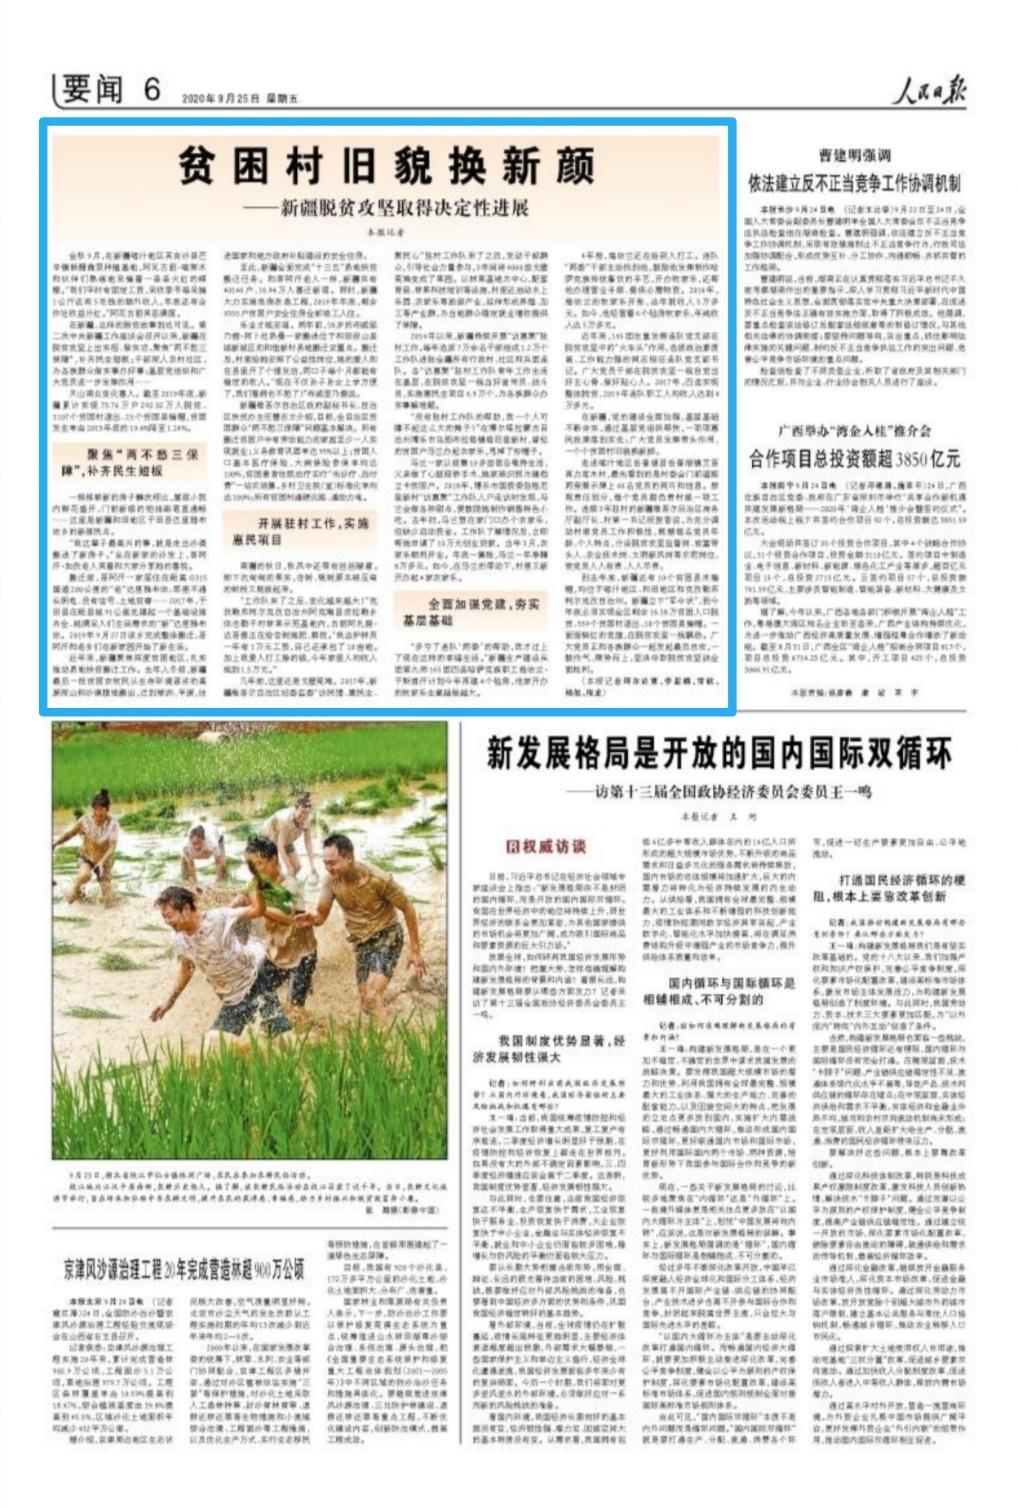 赢咖3娱乐登录人民日报系列报道之四:贫困村旧貌换新颜